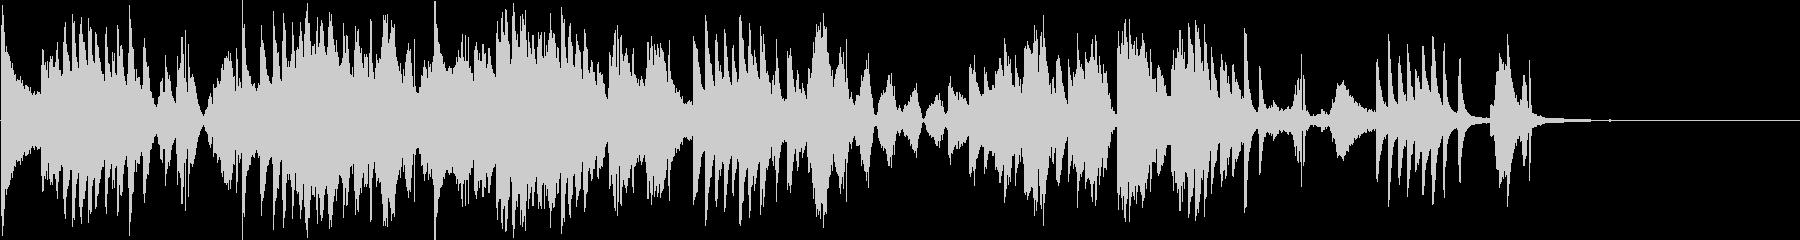 ピアノとエレクトロの静かな曲の未再生の波形